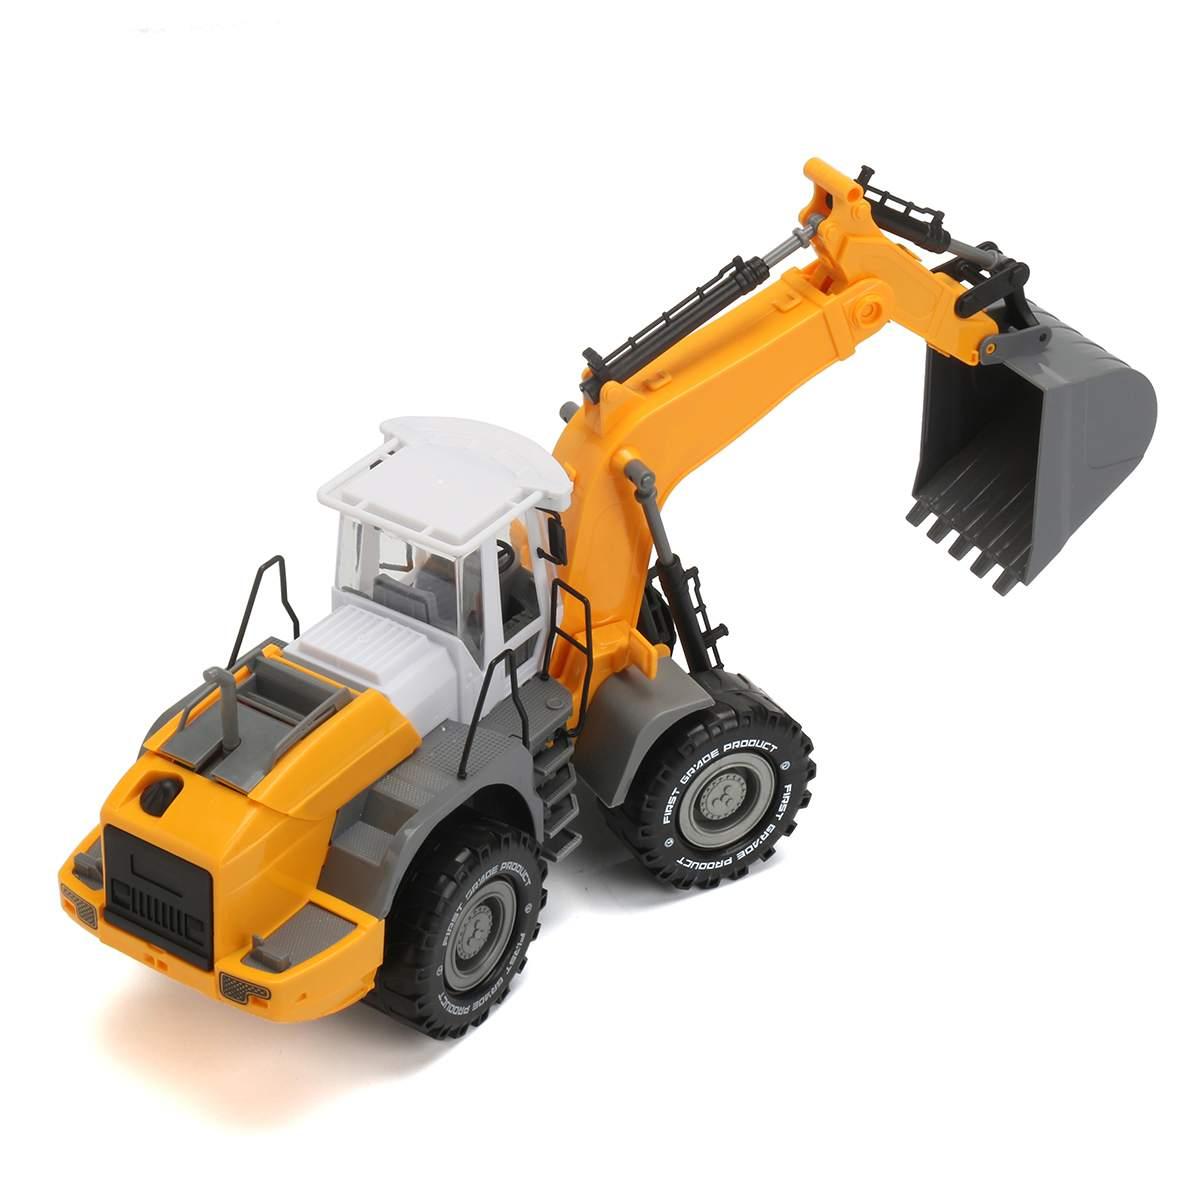 1:22 Abs Graafmachine Wals Model Bouw Speelgoed Techniek Graven Diecast Auto Geschenken Kids Kinderen Educatief Speelgoed Online Korting